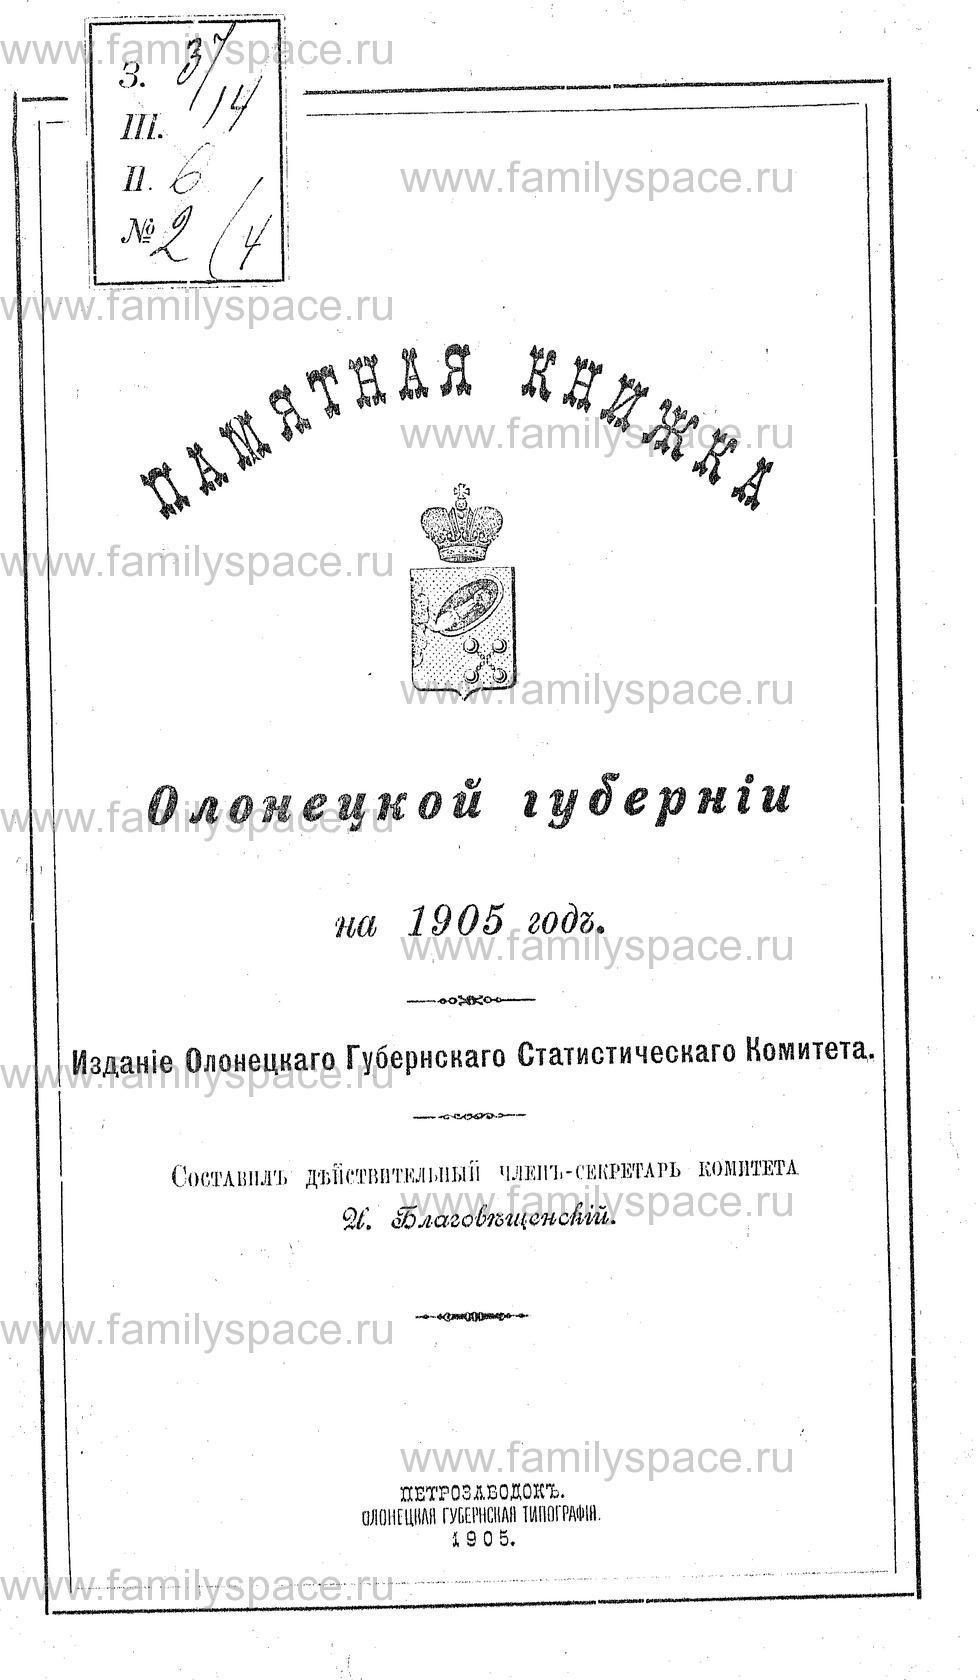 Поиск по фамилии - Памятная книжка Олонецкой губернии на 1905 г, страница 1